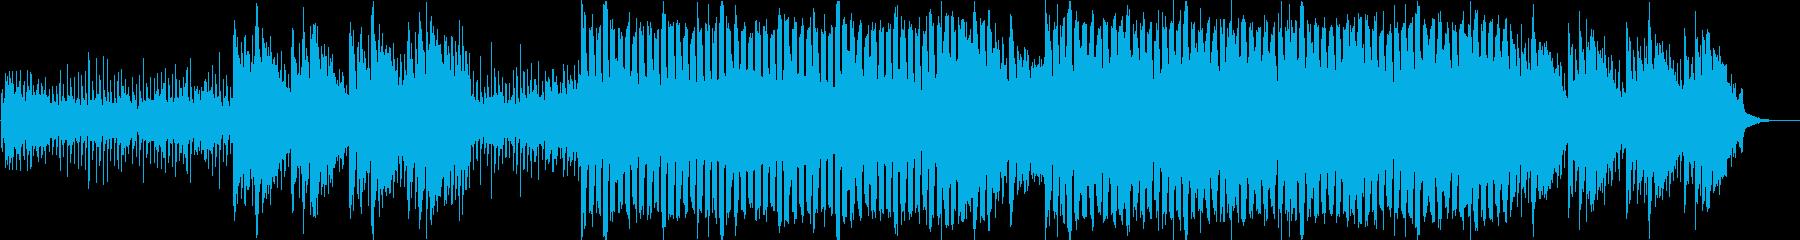 シリアス、クール、スタイリッシュBGMの再生済みの波形